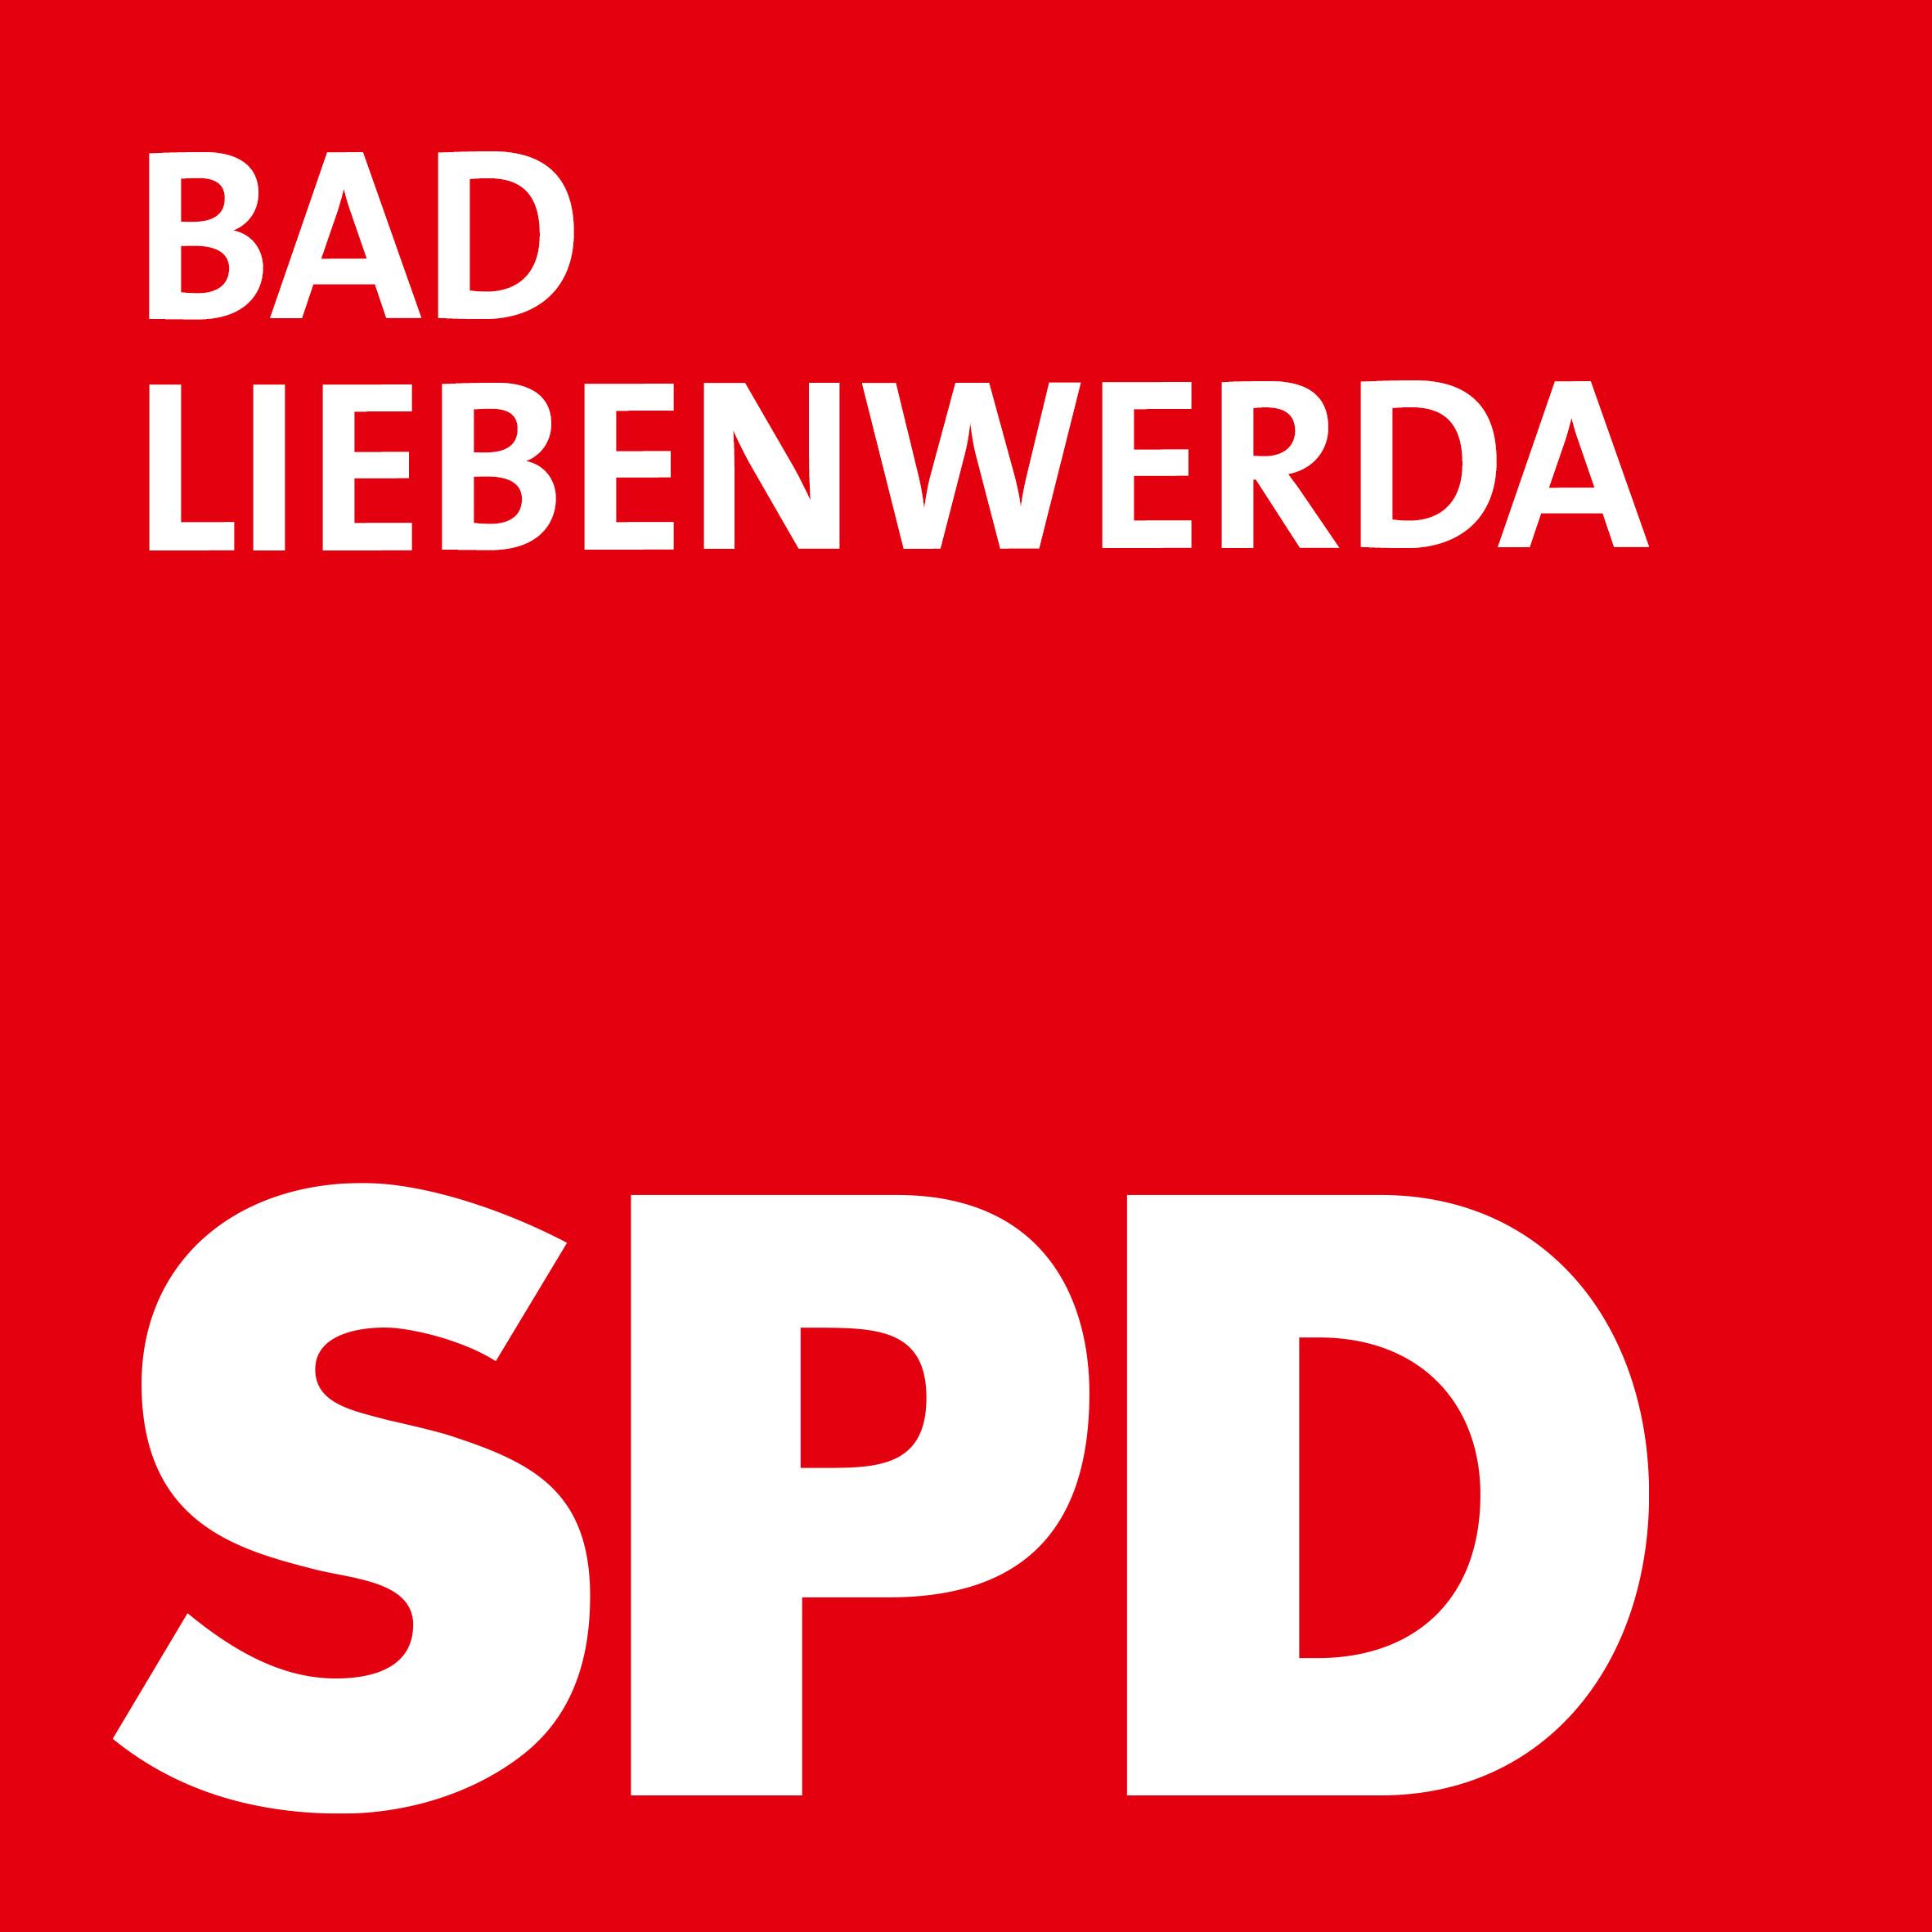 SPD Bad Liebenwerda